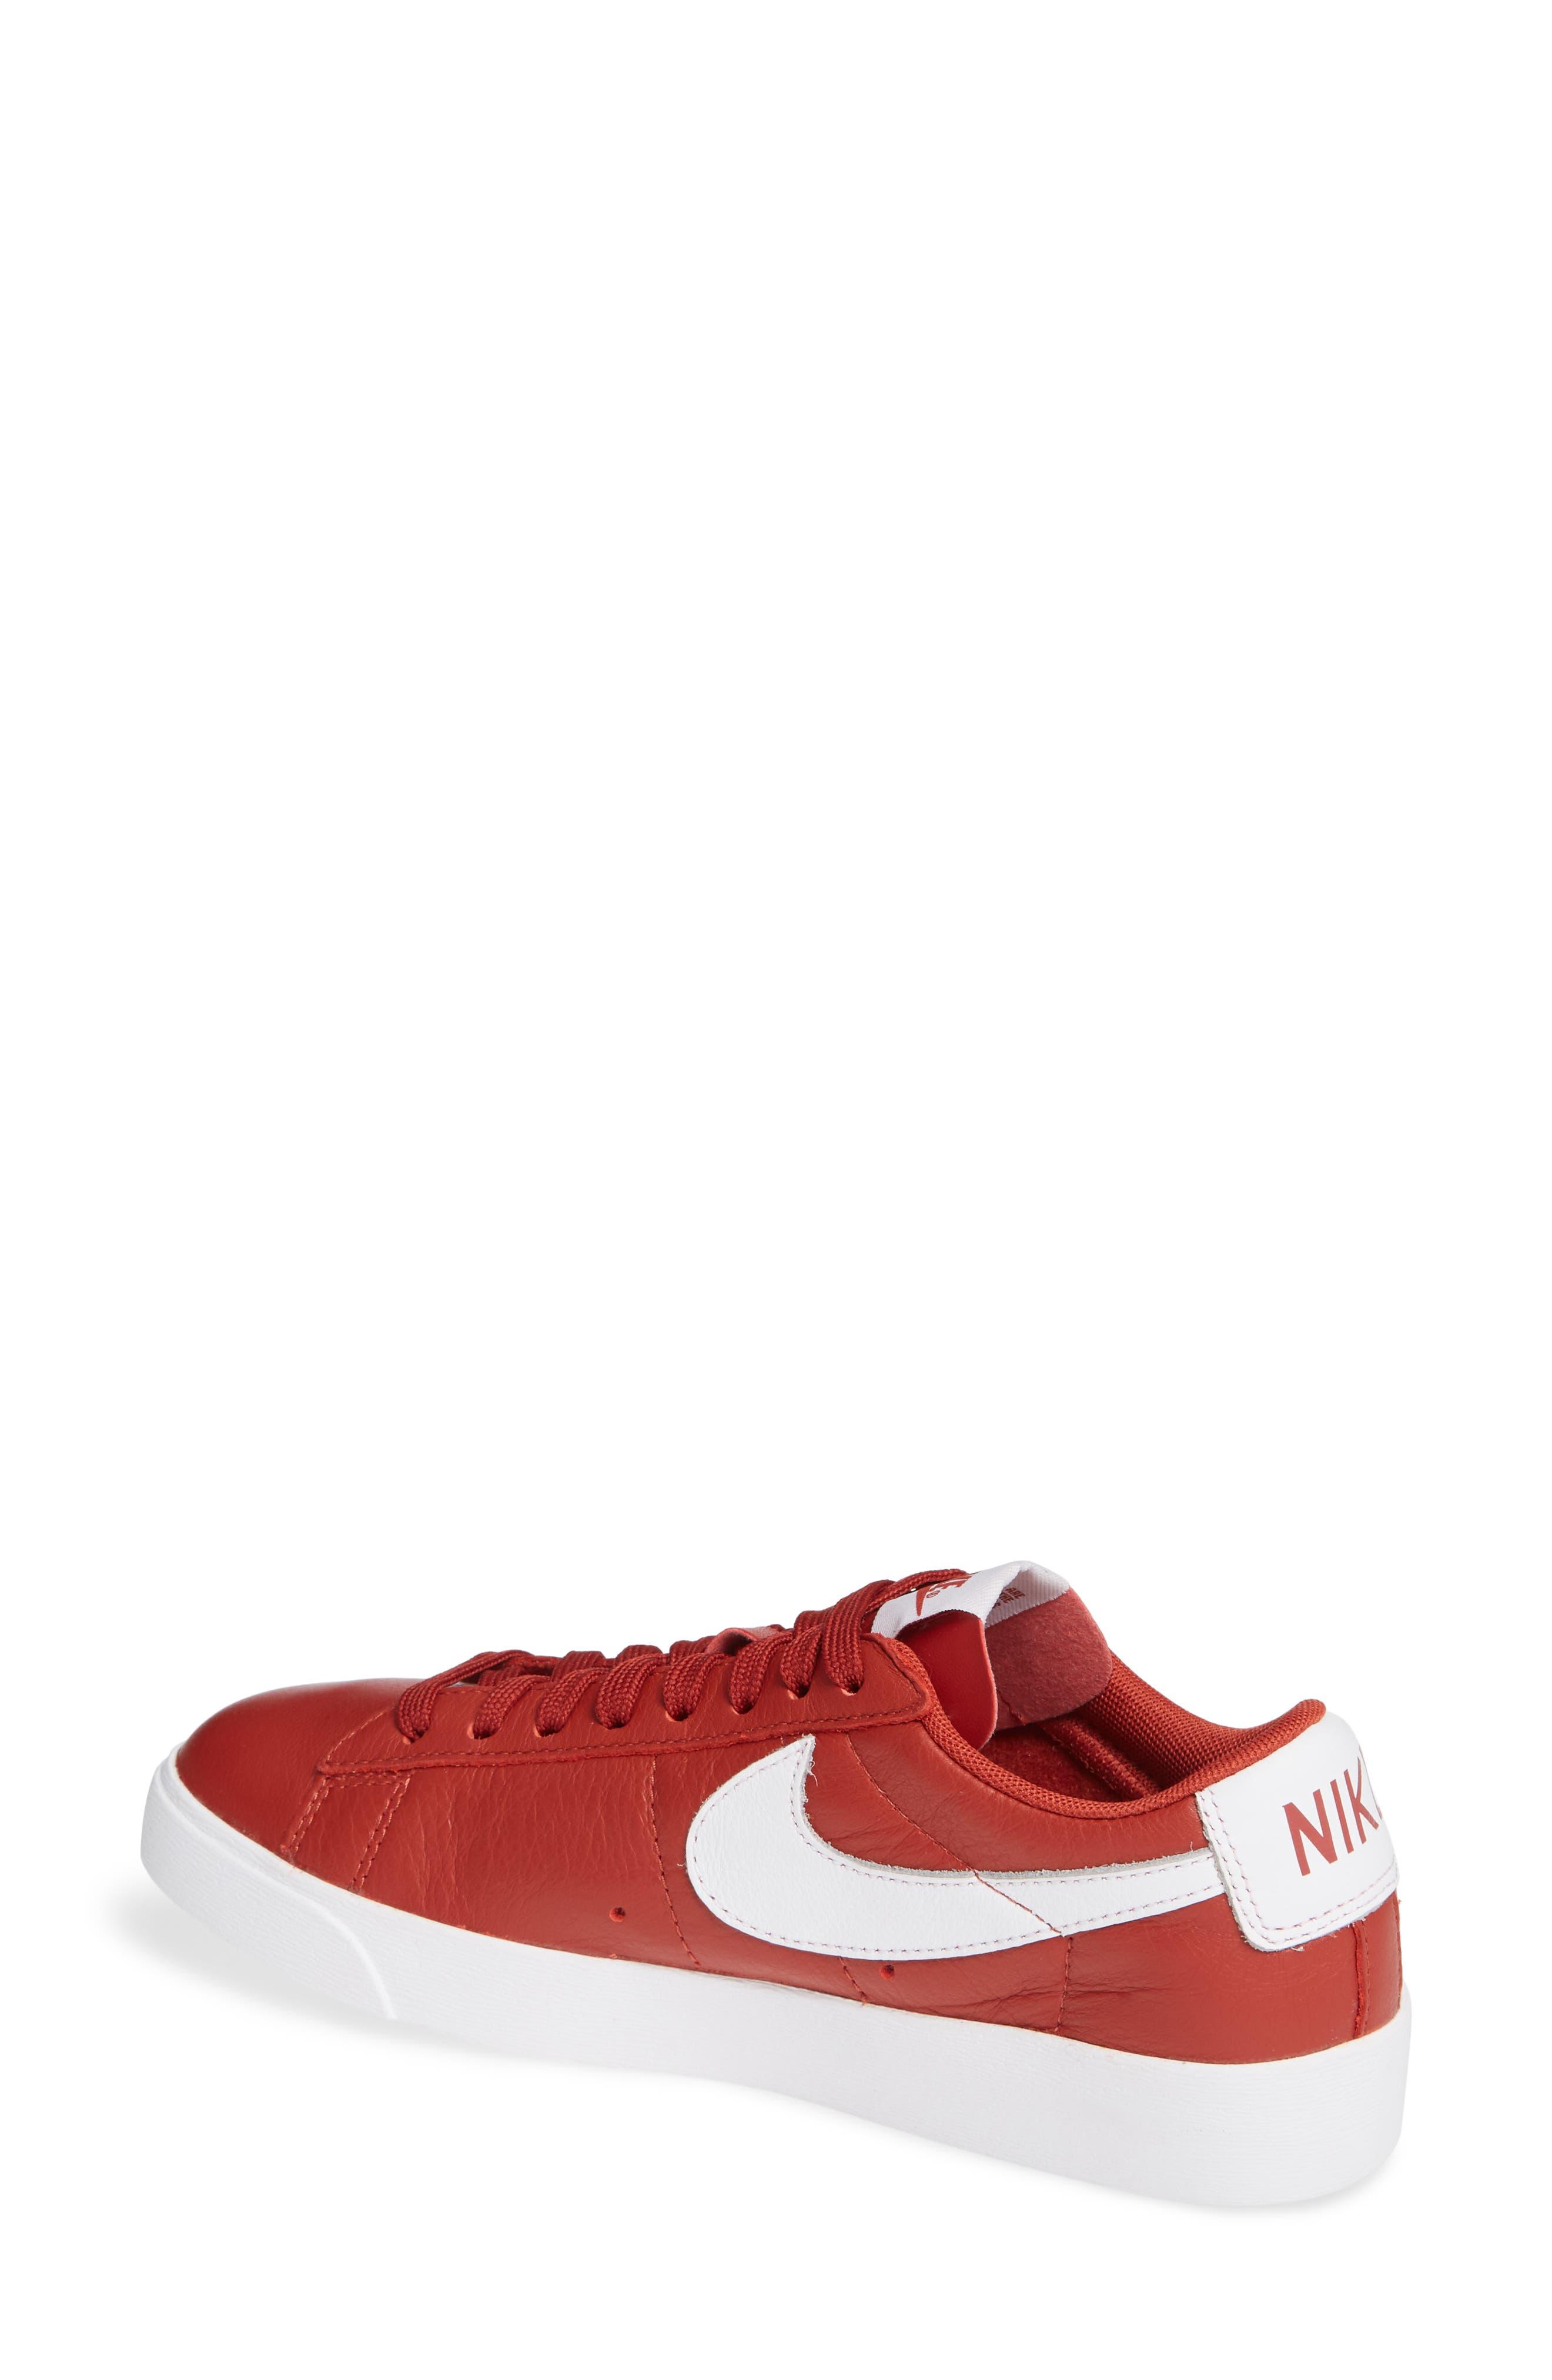 Blazer Low SE Sneaker,                             Alternate thumbnail 2, color,                             DUNE RED/ WHITE-DUNE RED